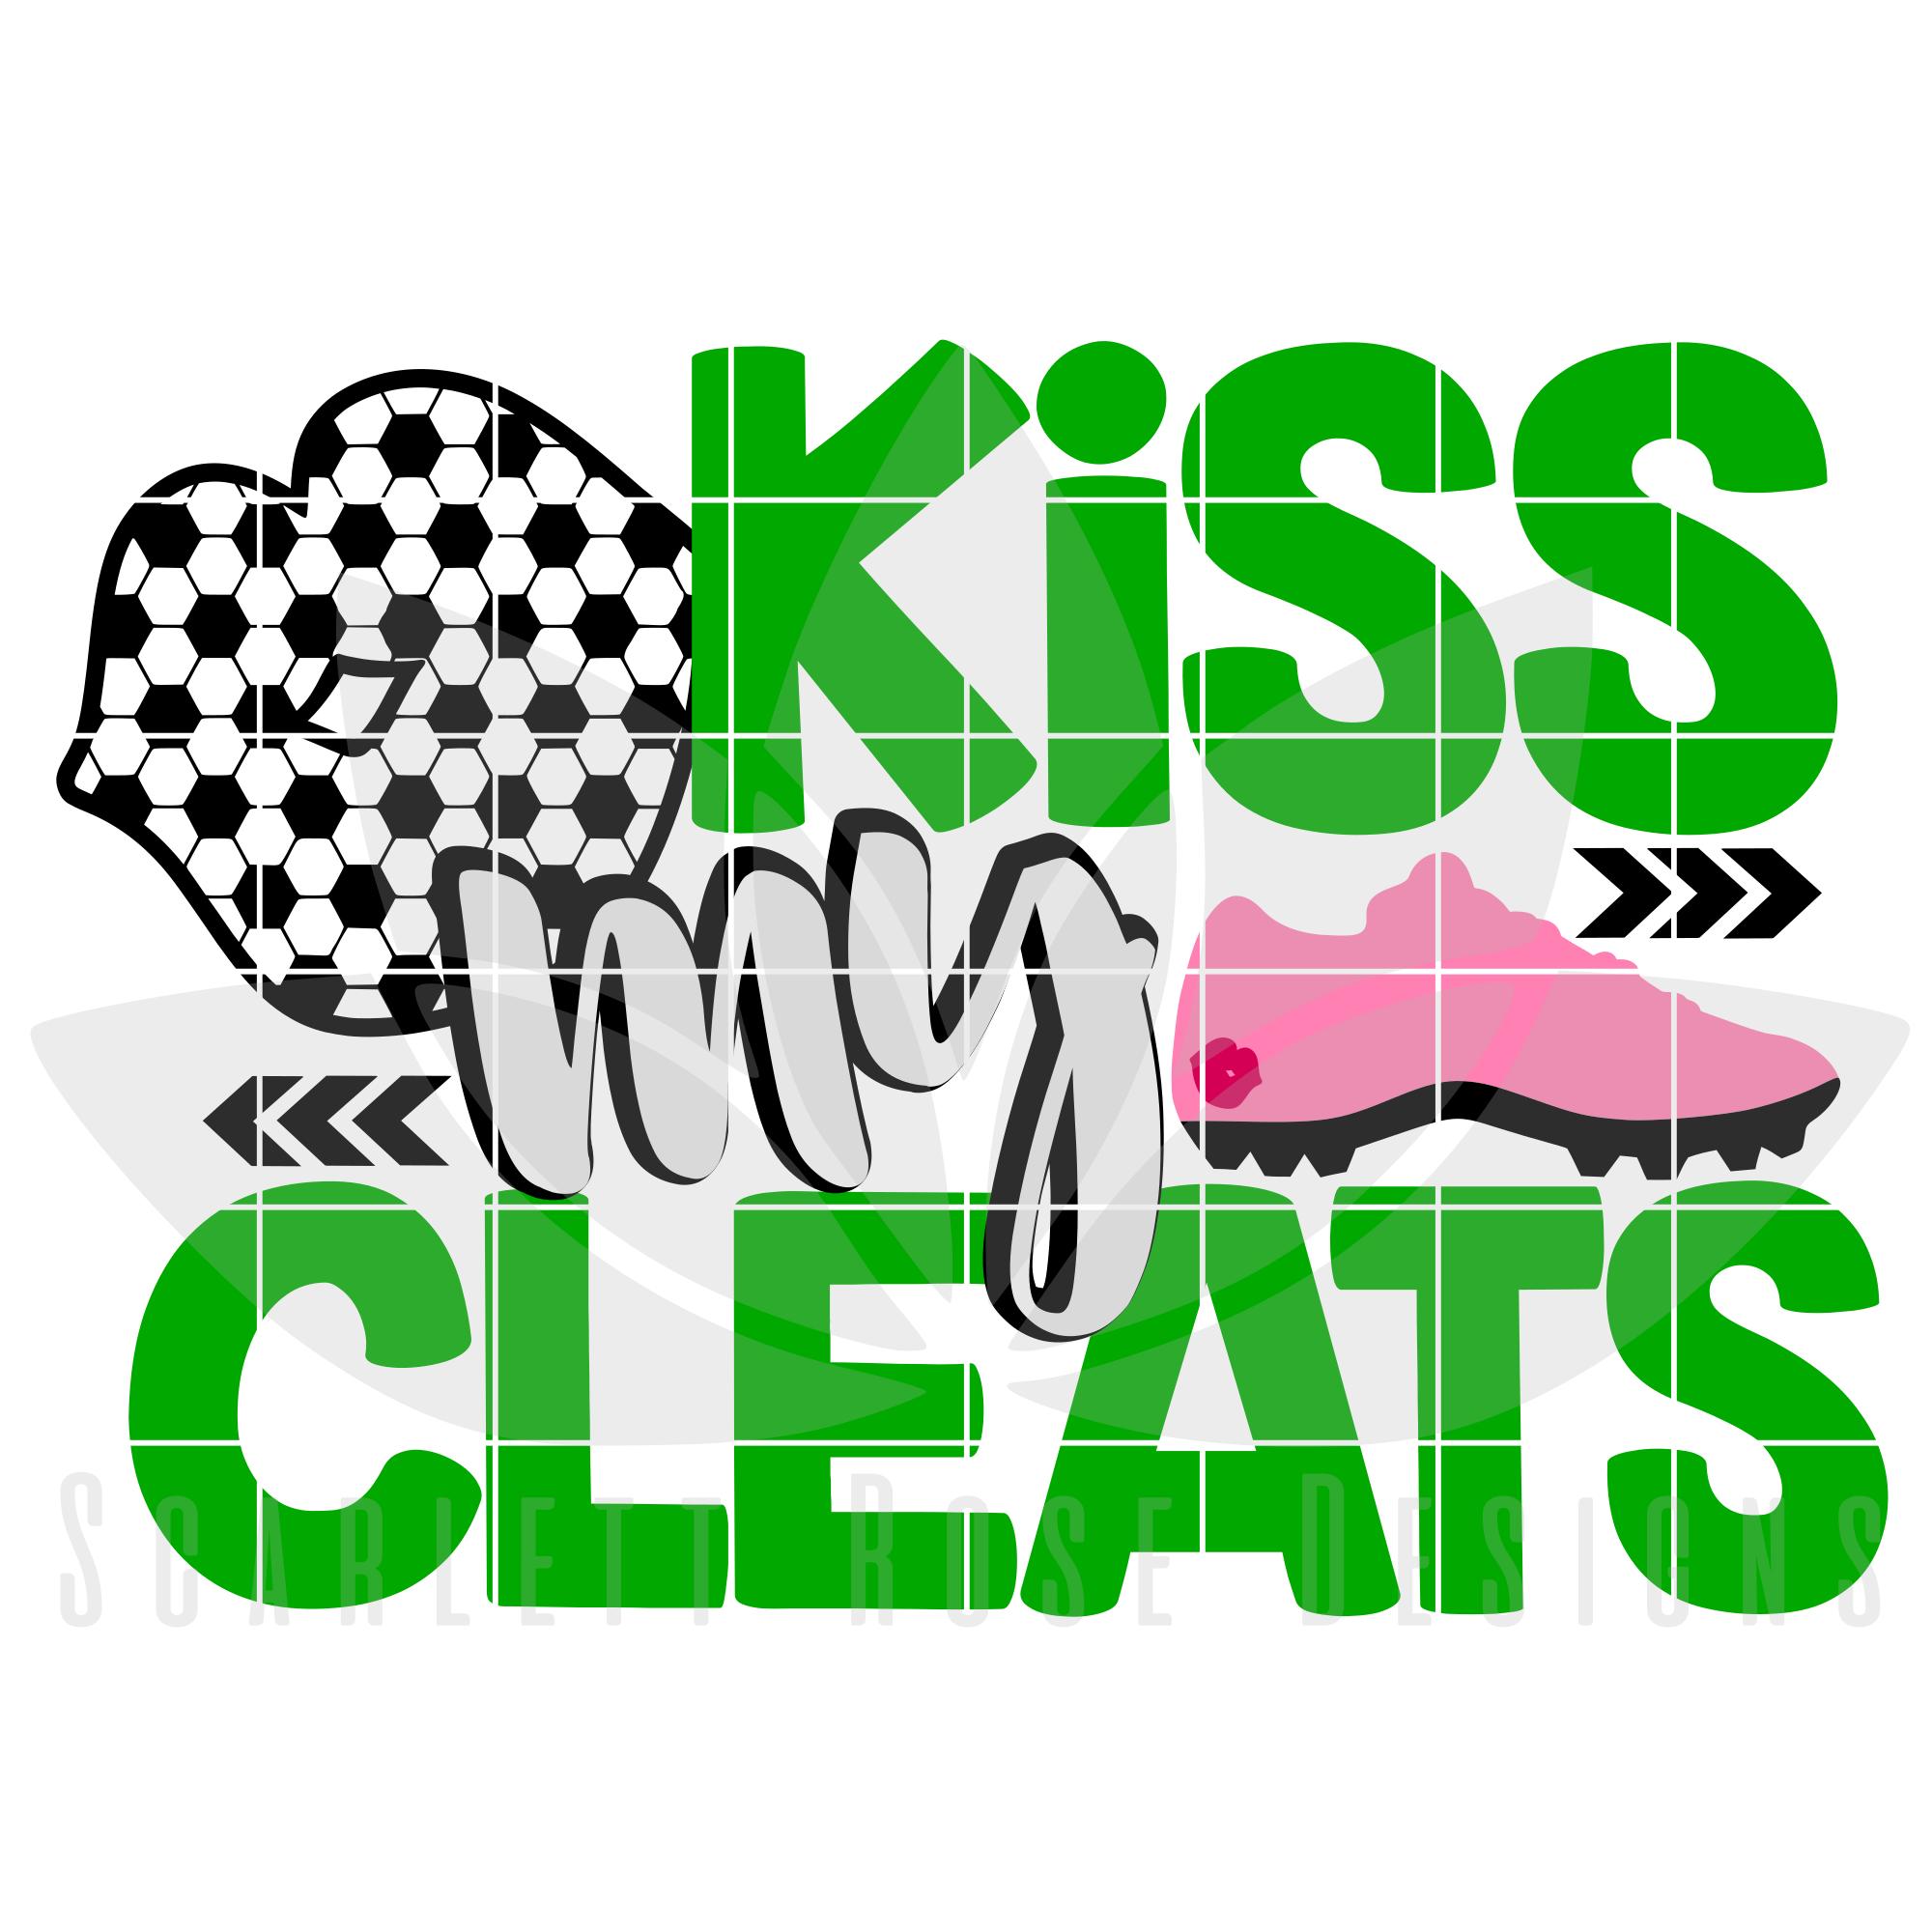 2000x2000 Kiss My Cleats